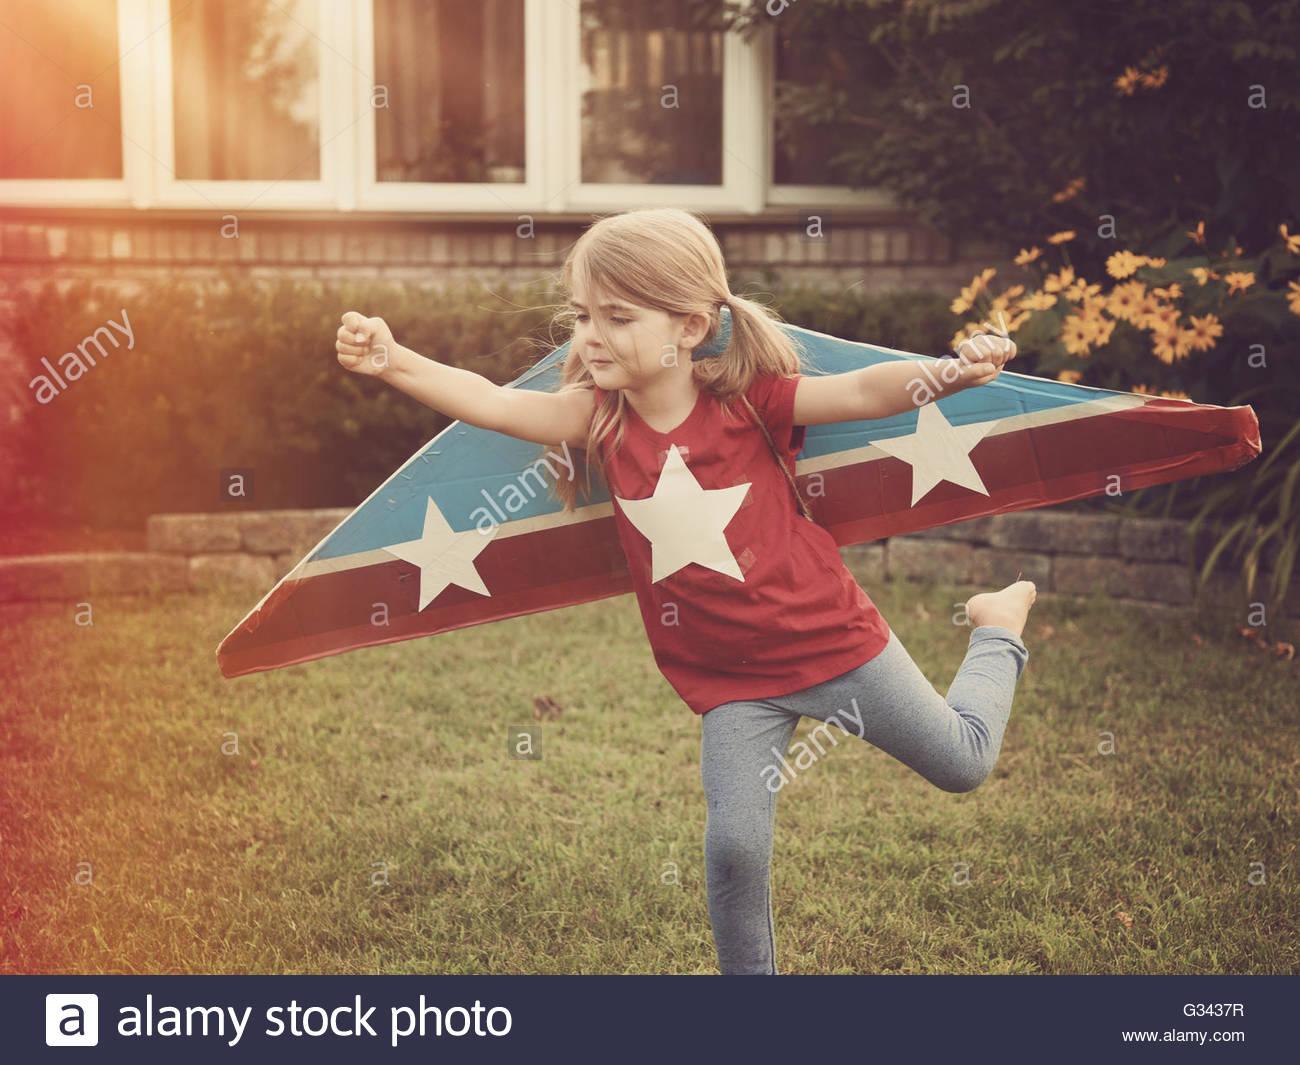 Ein Kind trägt Pappe fliegenden Flügel mit Sternen drauf, die vorgibt, ein Pilotprojekt für ein Handwerk, Stockbild